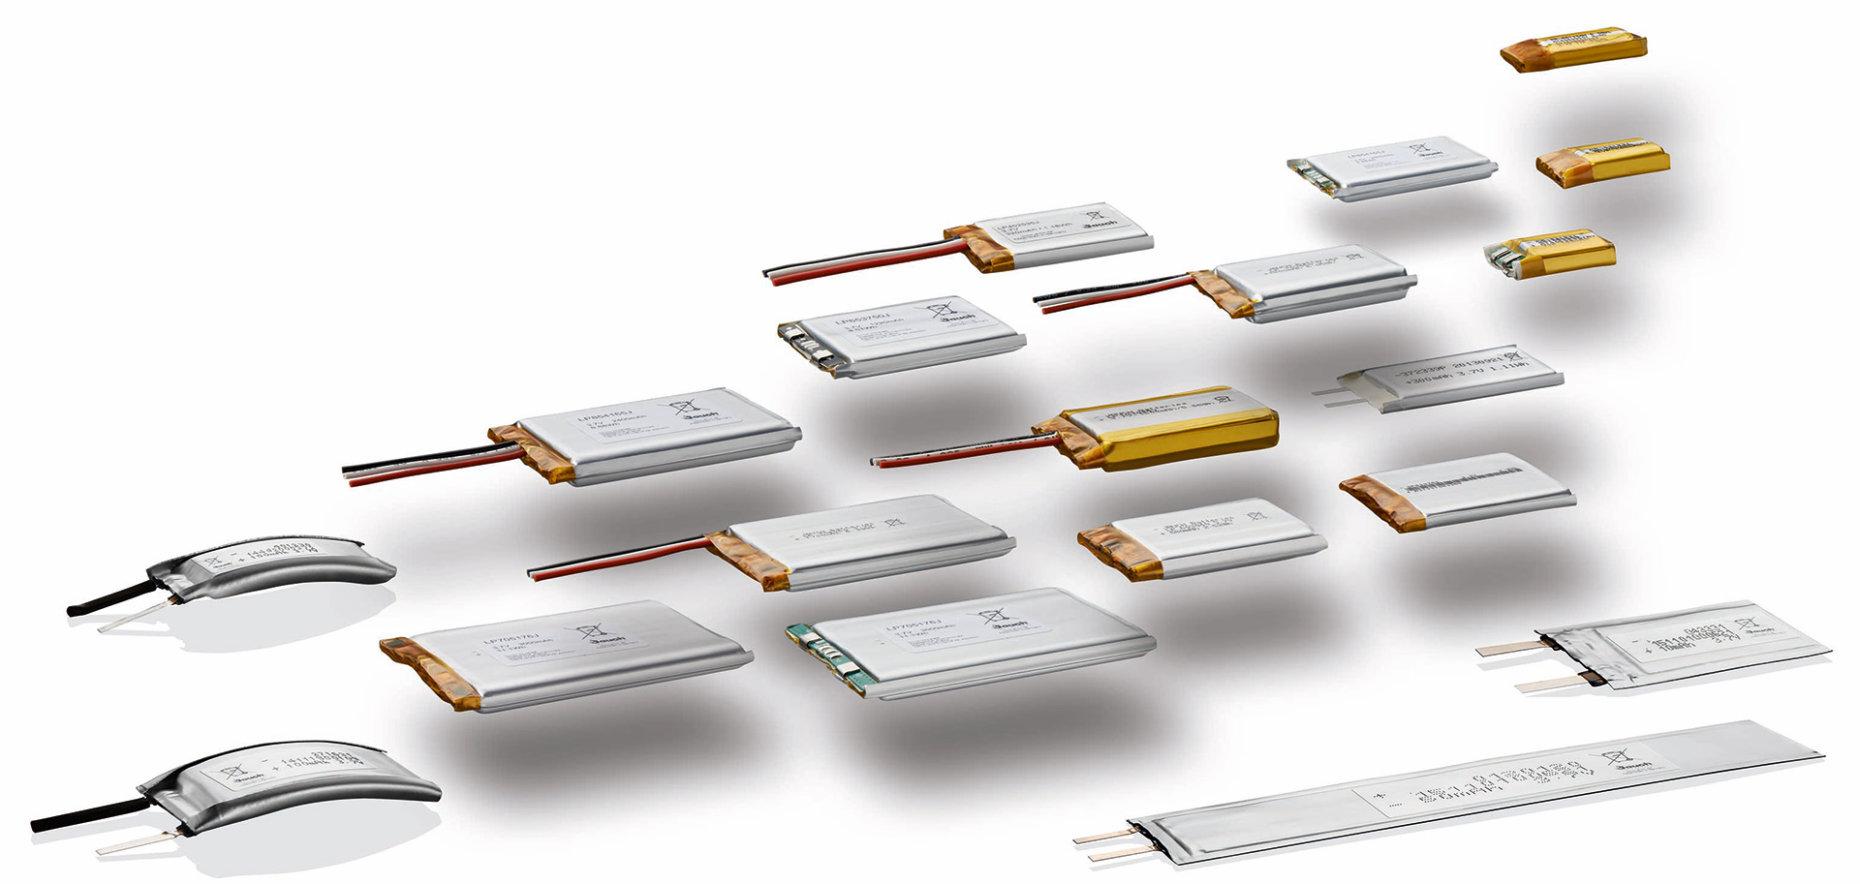 Sortiment der Lithium-Polymer-Batterien von Jauch